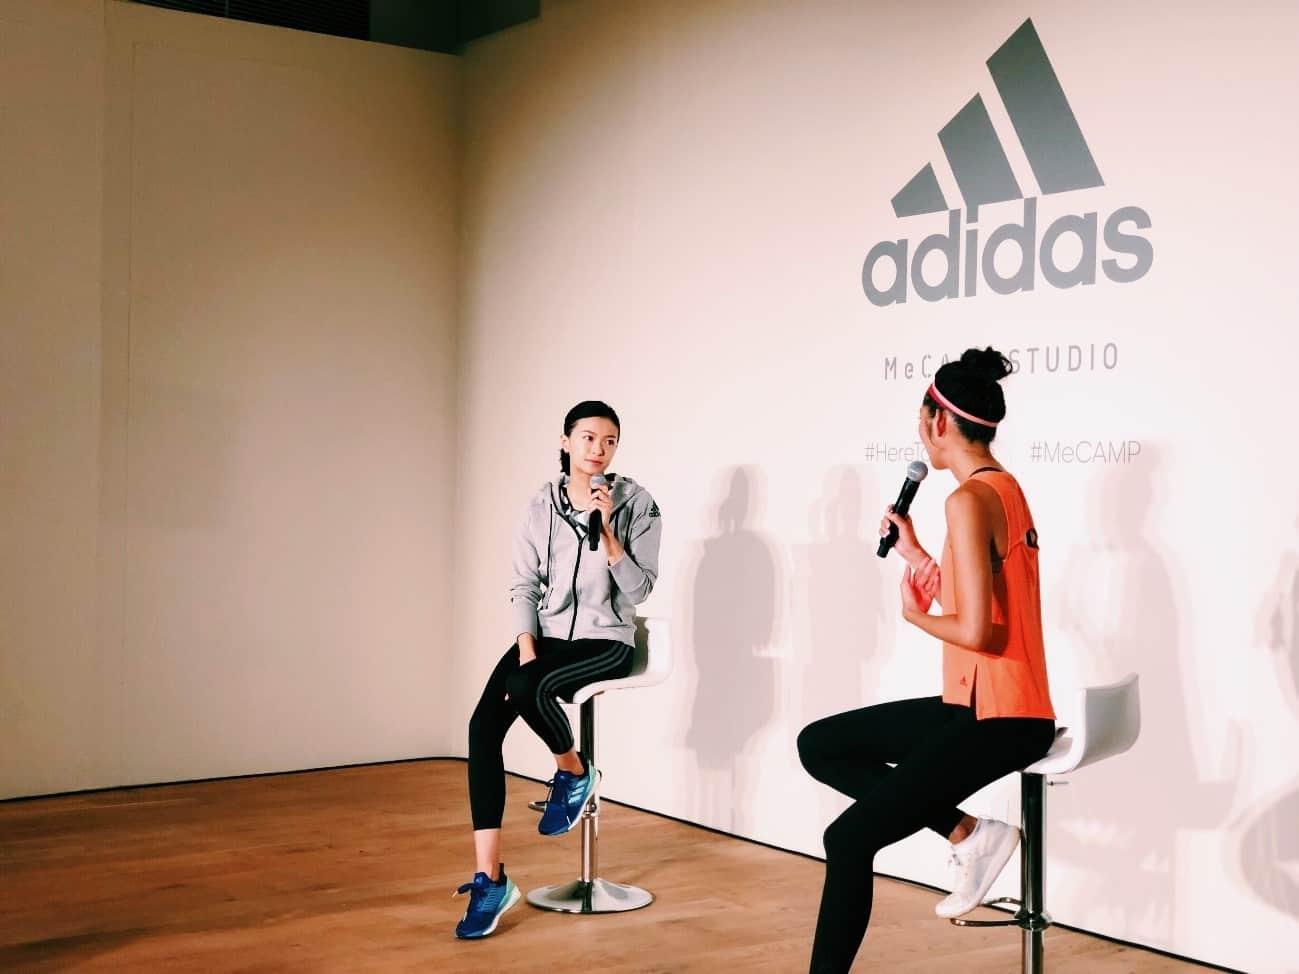 榮倉奈々さんも参加! 女子心くすぐるBEAUTY&FUNなスポーツイベント『adidas MeCAMP』が心に刺さる